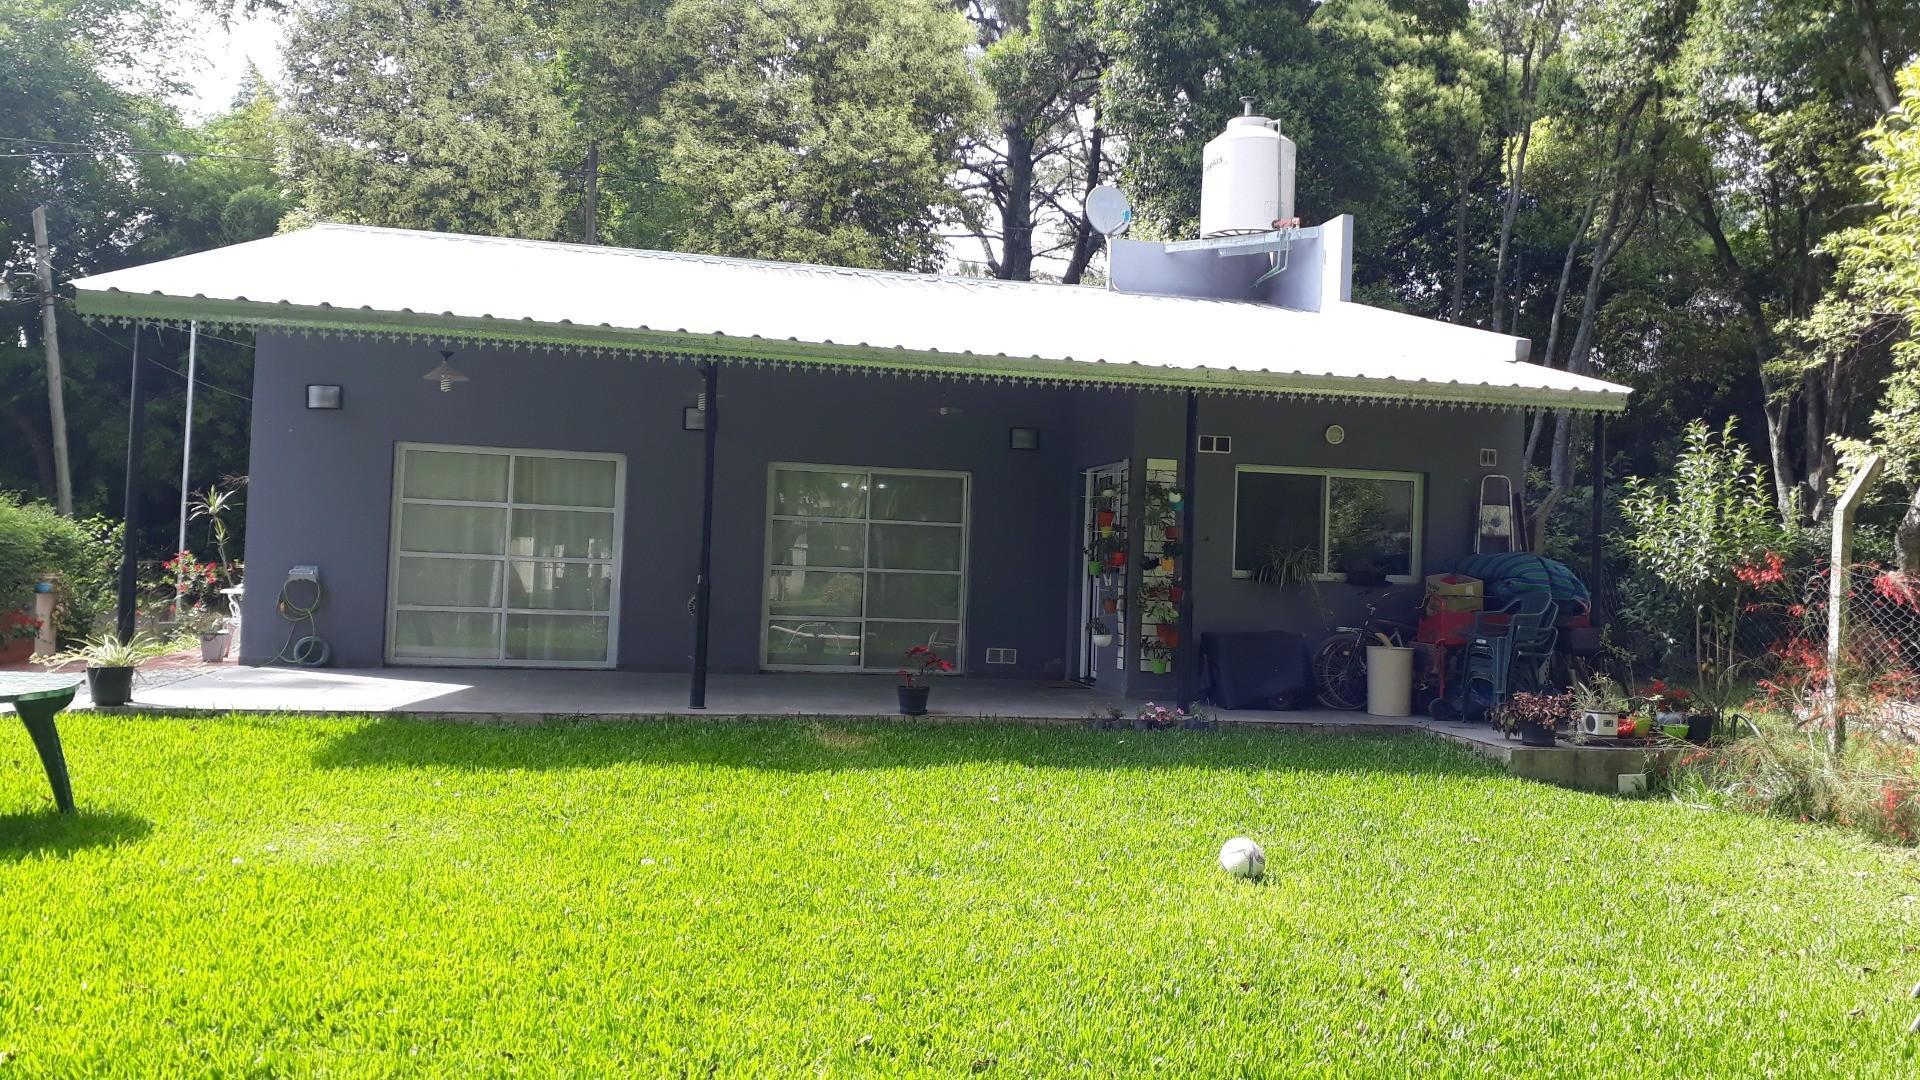 Casa en Venta en Countries y Barrios Cerrados Berazategui - 3 ambientes